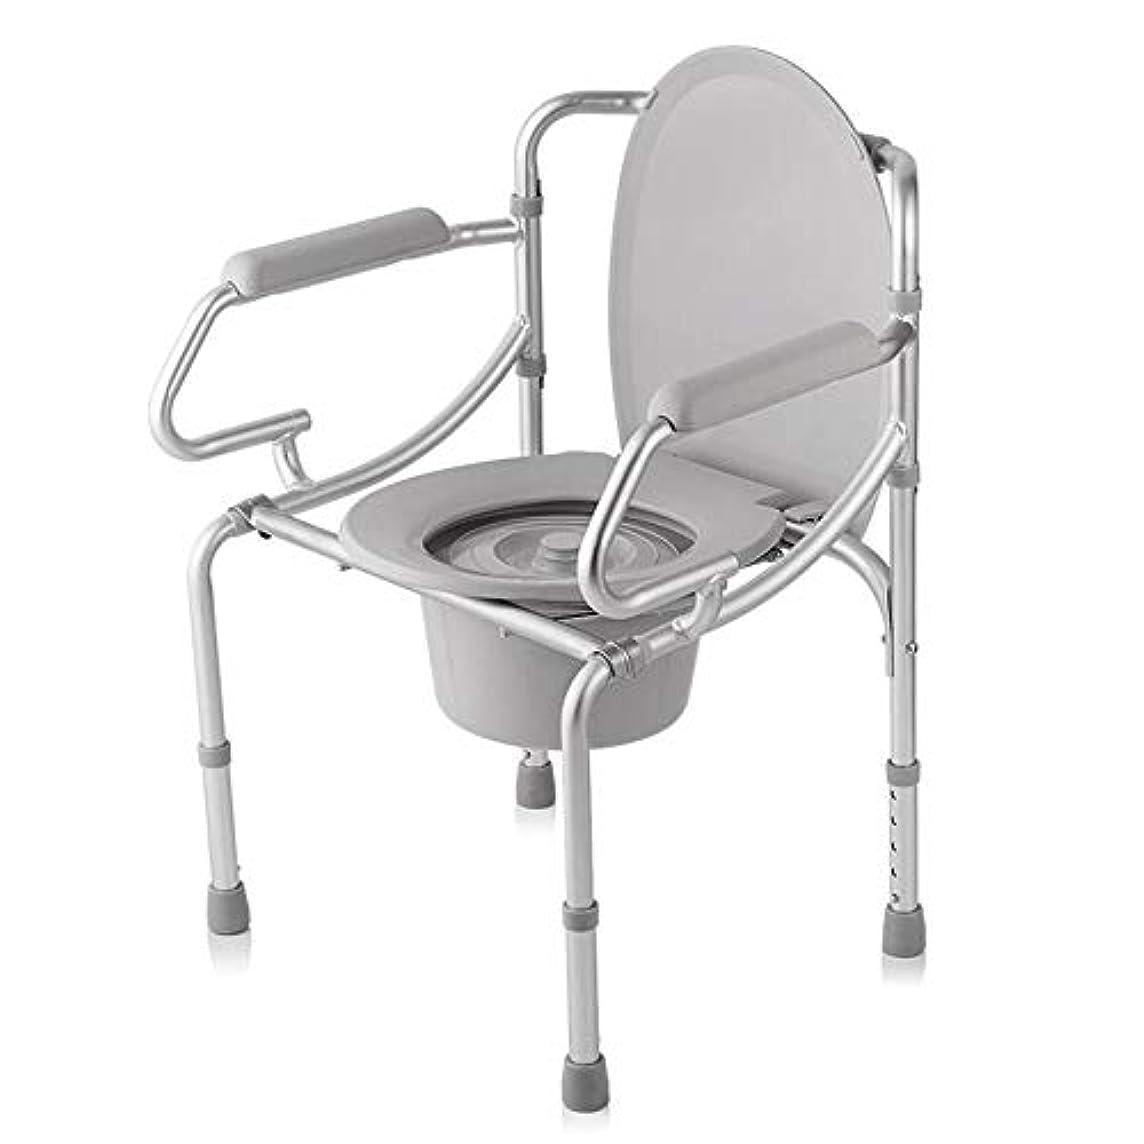 乗り出すライブデモンストレーション調節可能な便器椅子、取り外し可能なパッド入りシートとトイレ付きの豪華な折りたたみ軽量便器